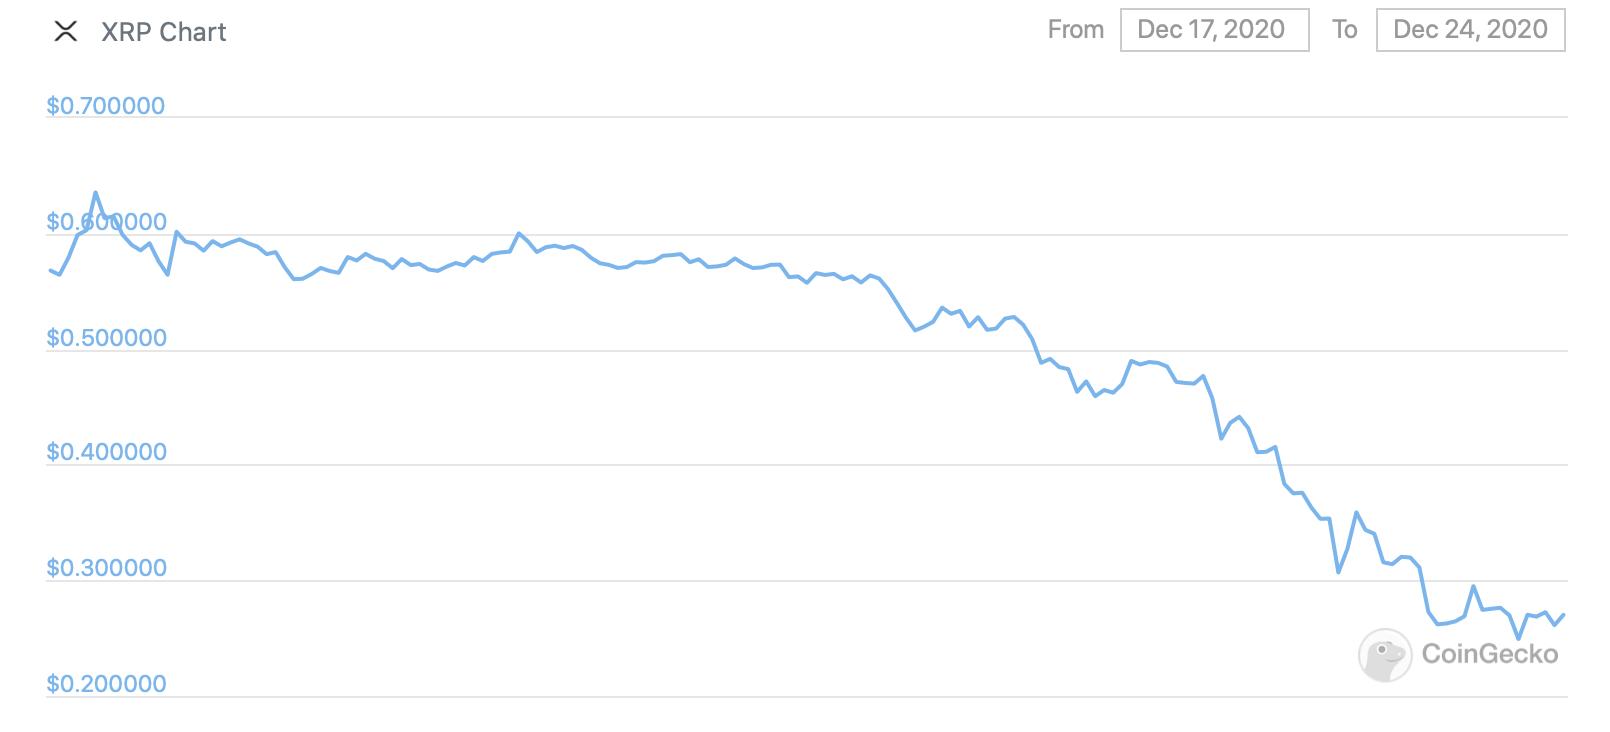 График курса XRP за неделю